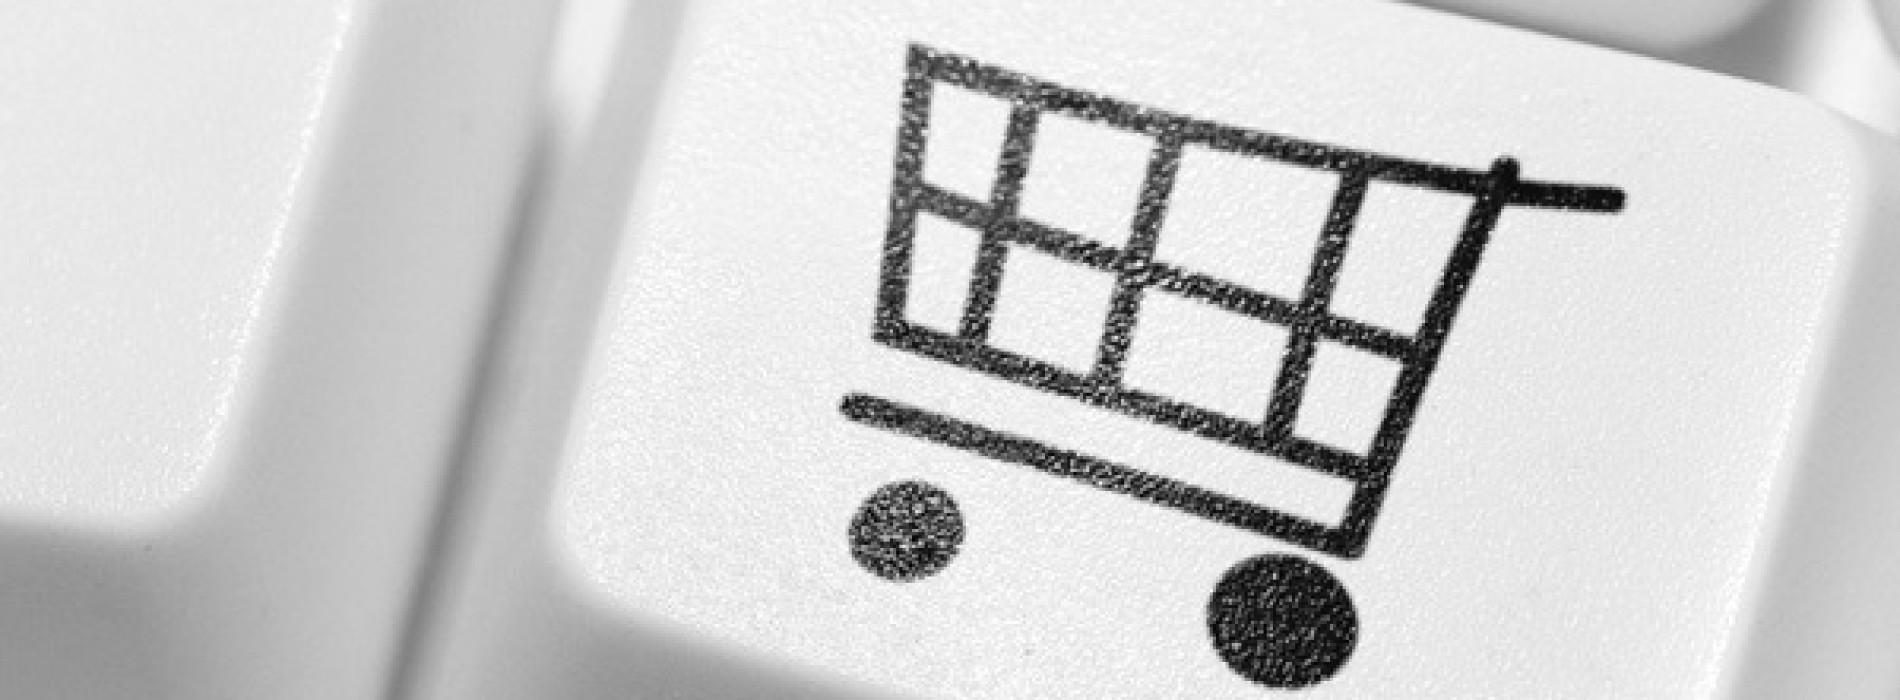 Zakupy przez internet – gdzie kupimy najszybciej?